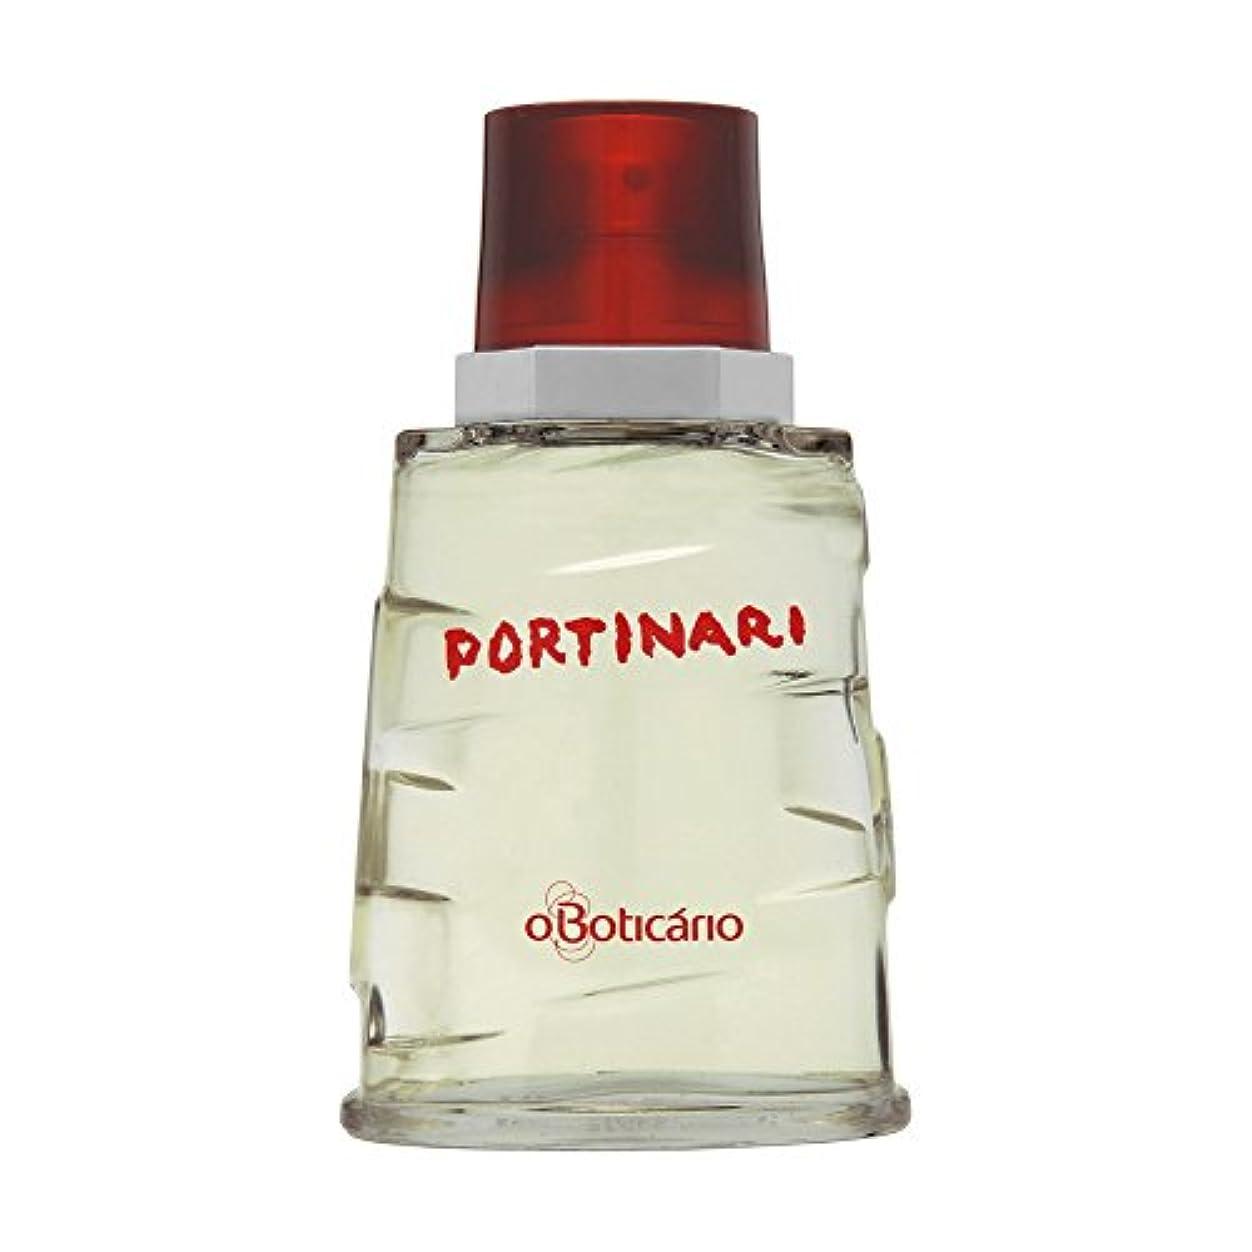 オ?ボチカリオ オードトワレ ポーチナリ PORTINARI 男性用 香水 100ml